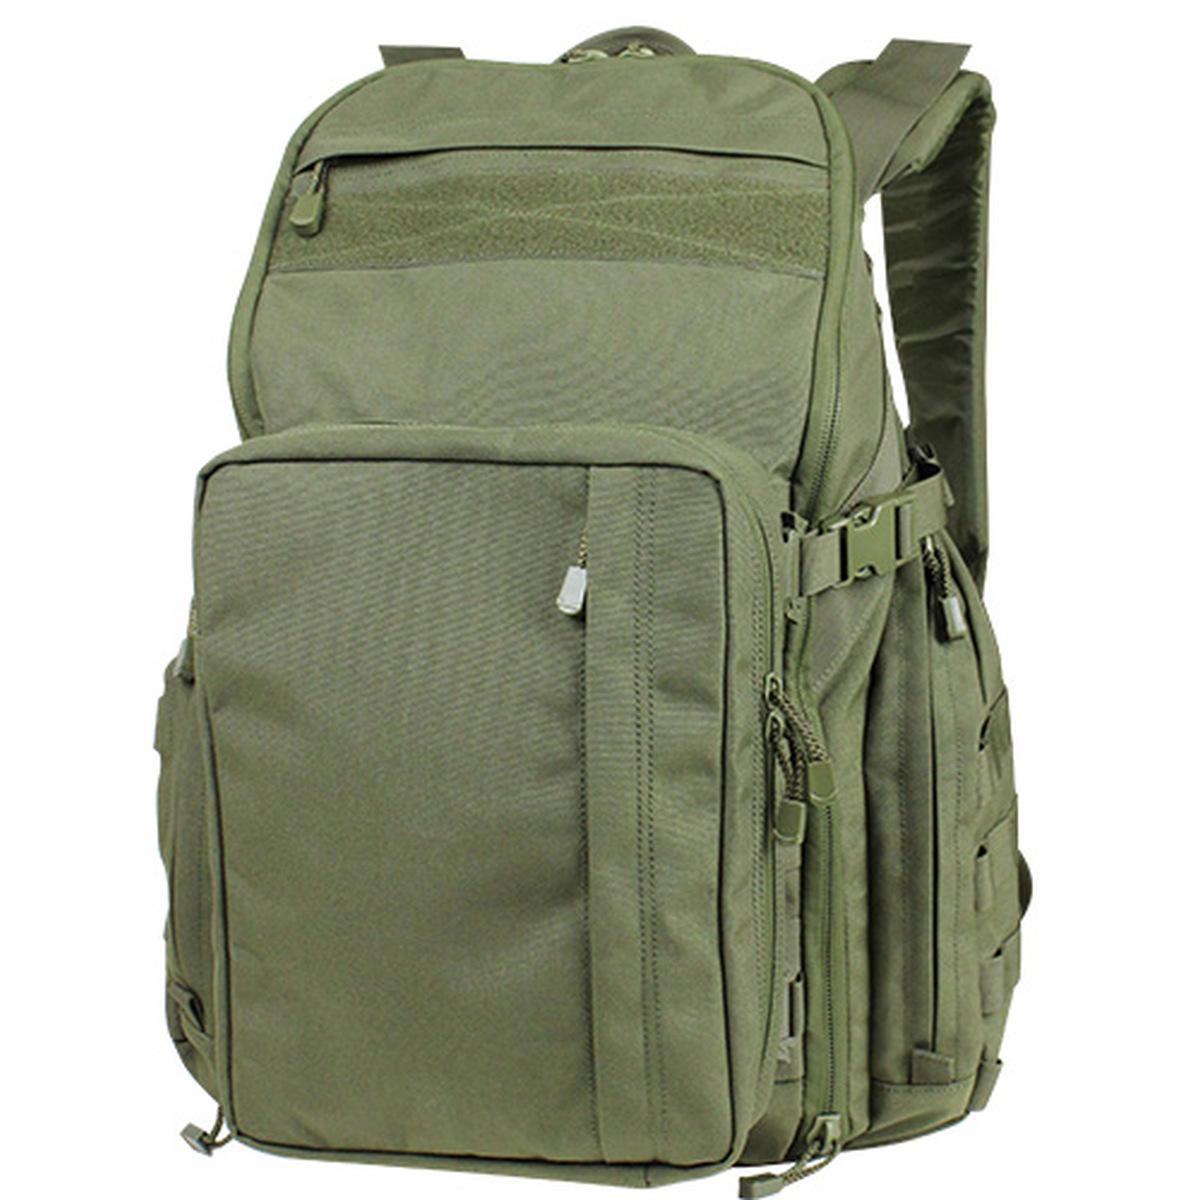 Bison Pack